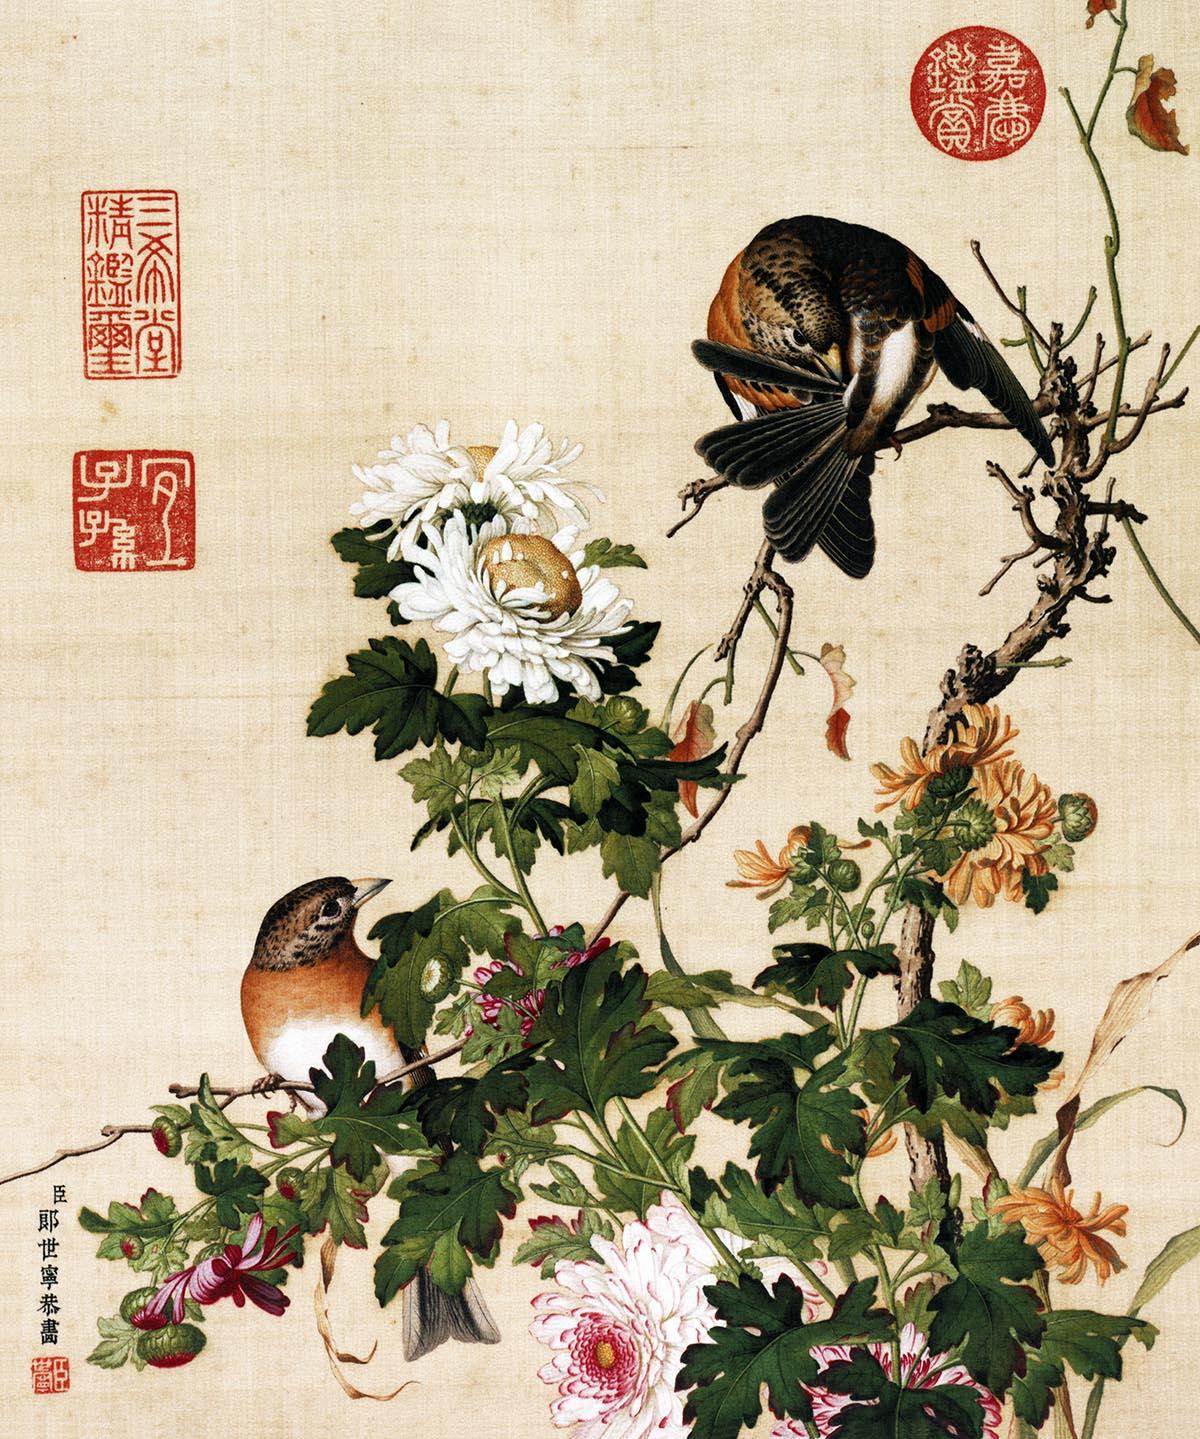 郎世宁 仙萼长春图最佳版作品欣赏